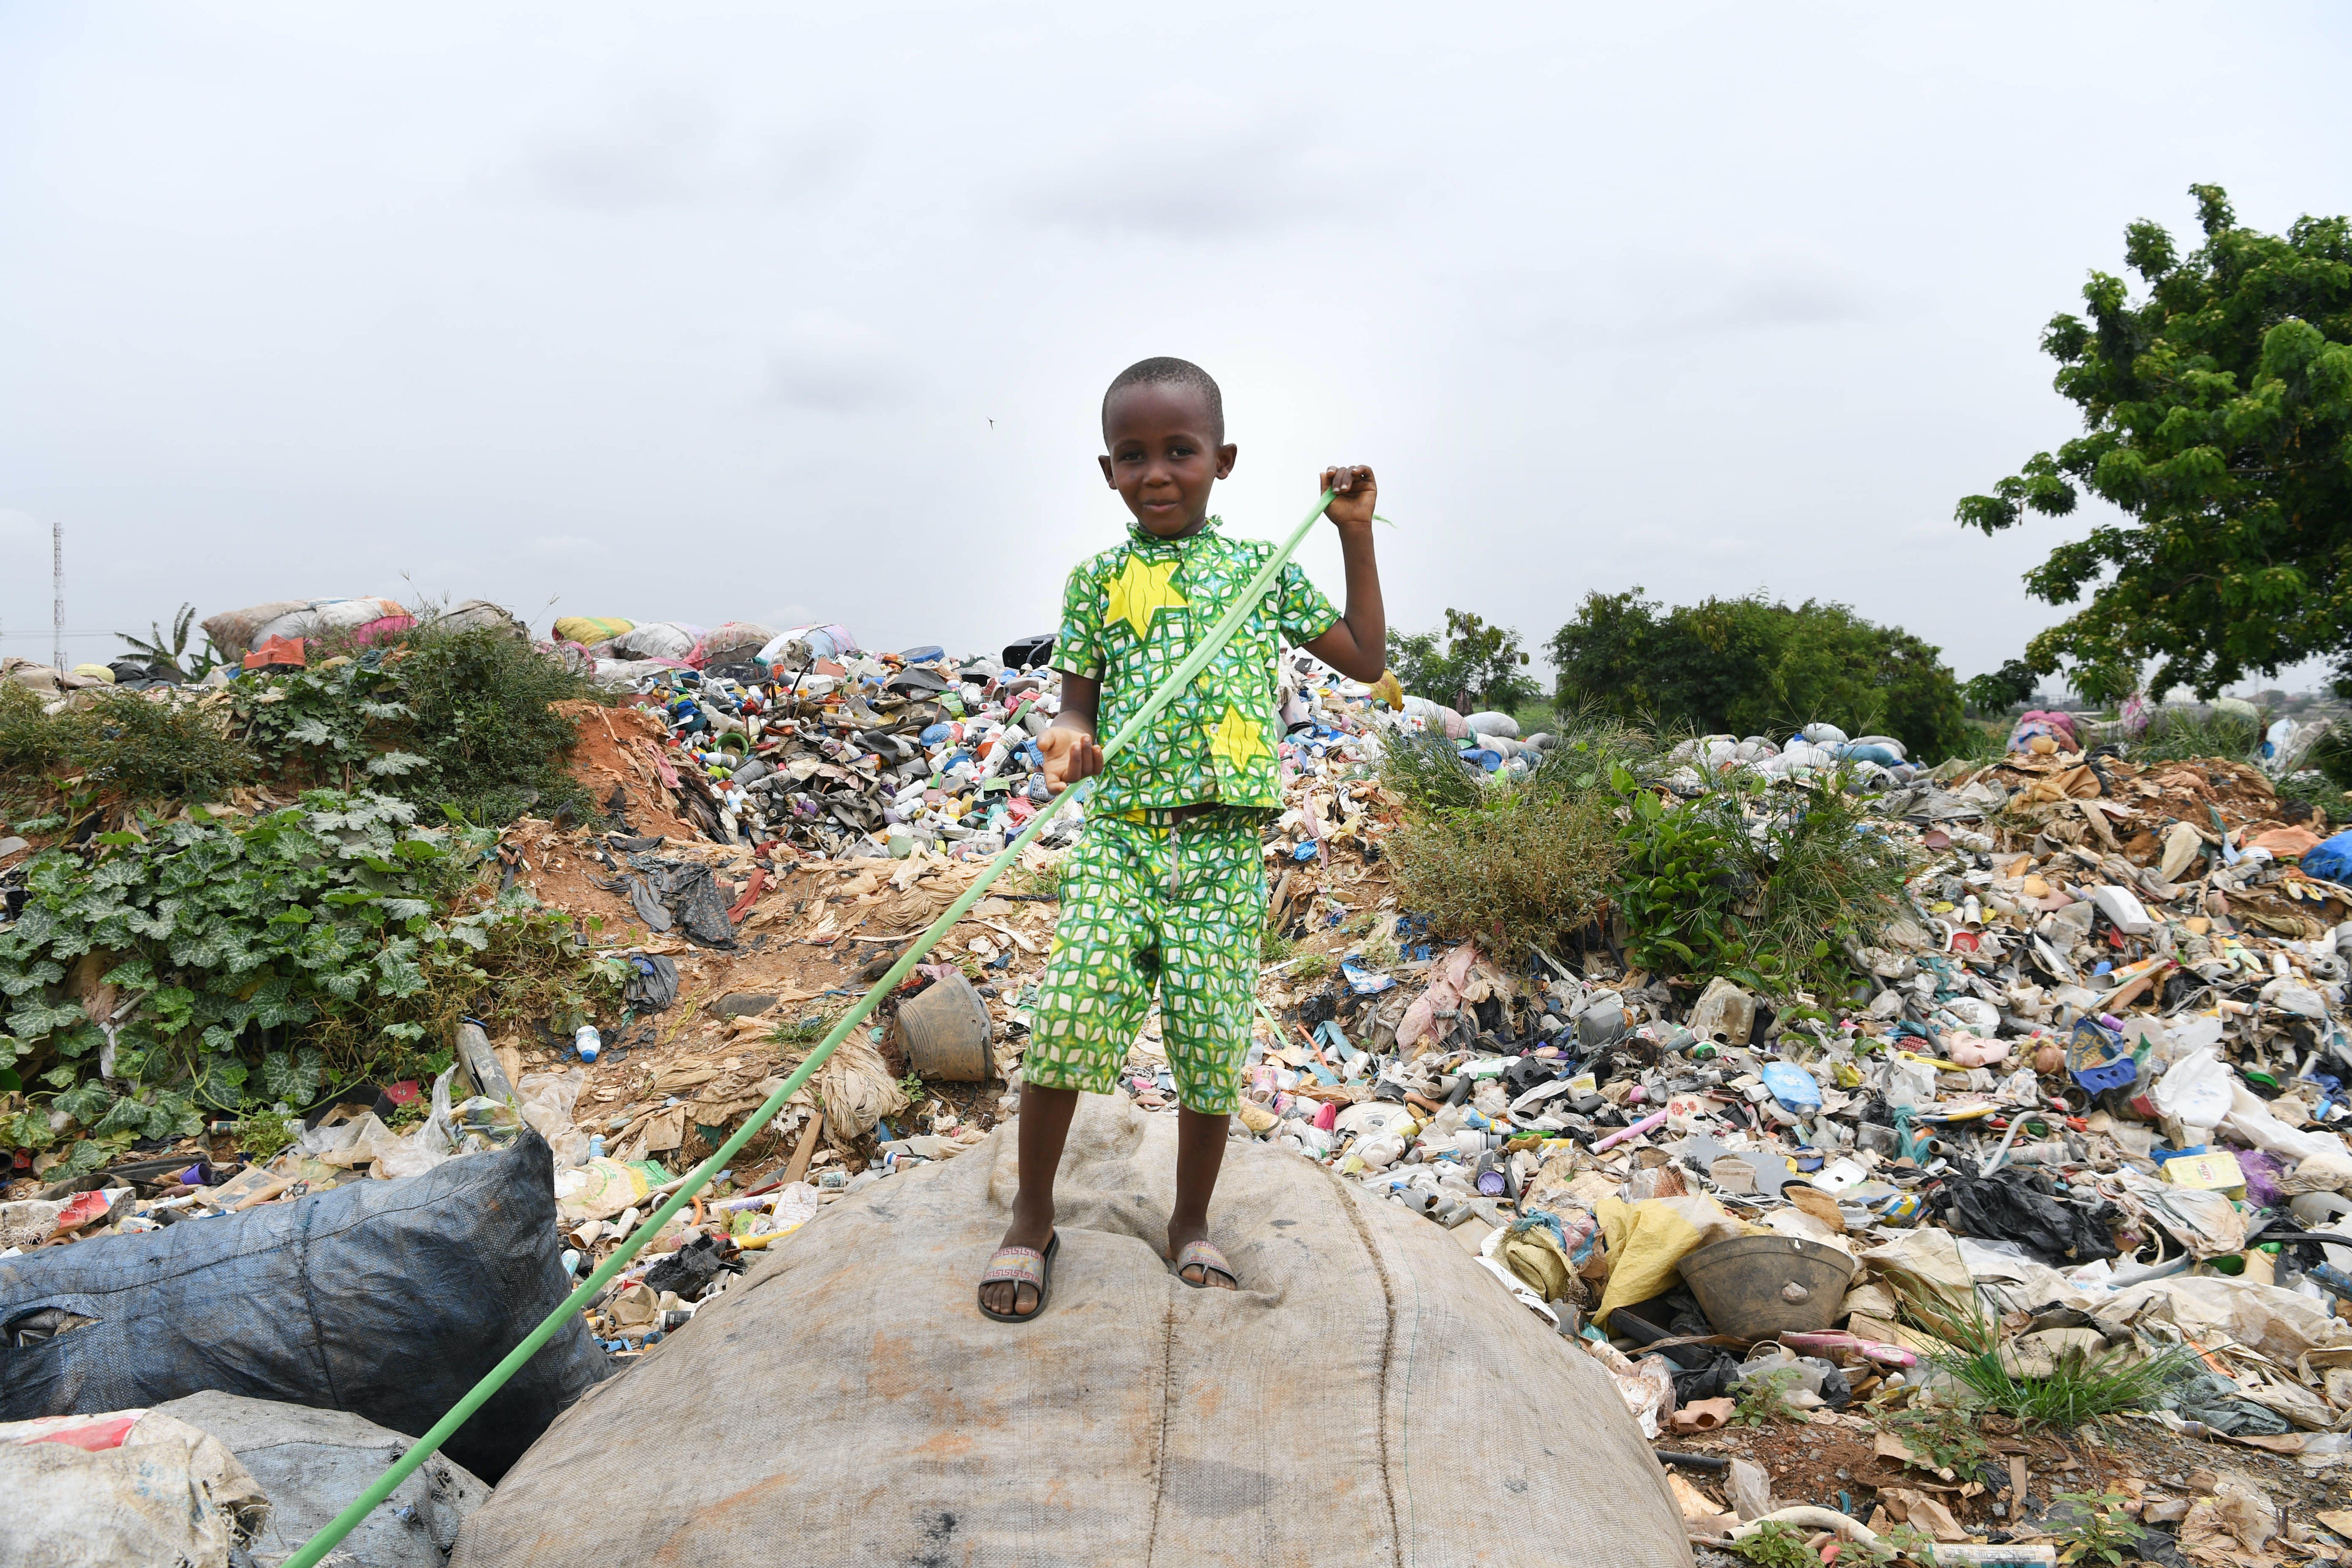 Un bambino gioca in una discarica ad Abidjan, in Costa d'Avorio.